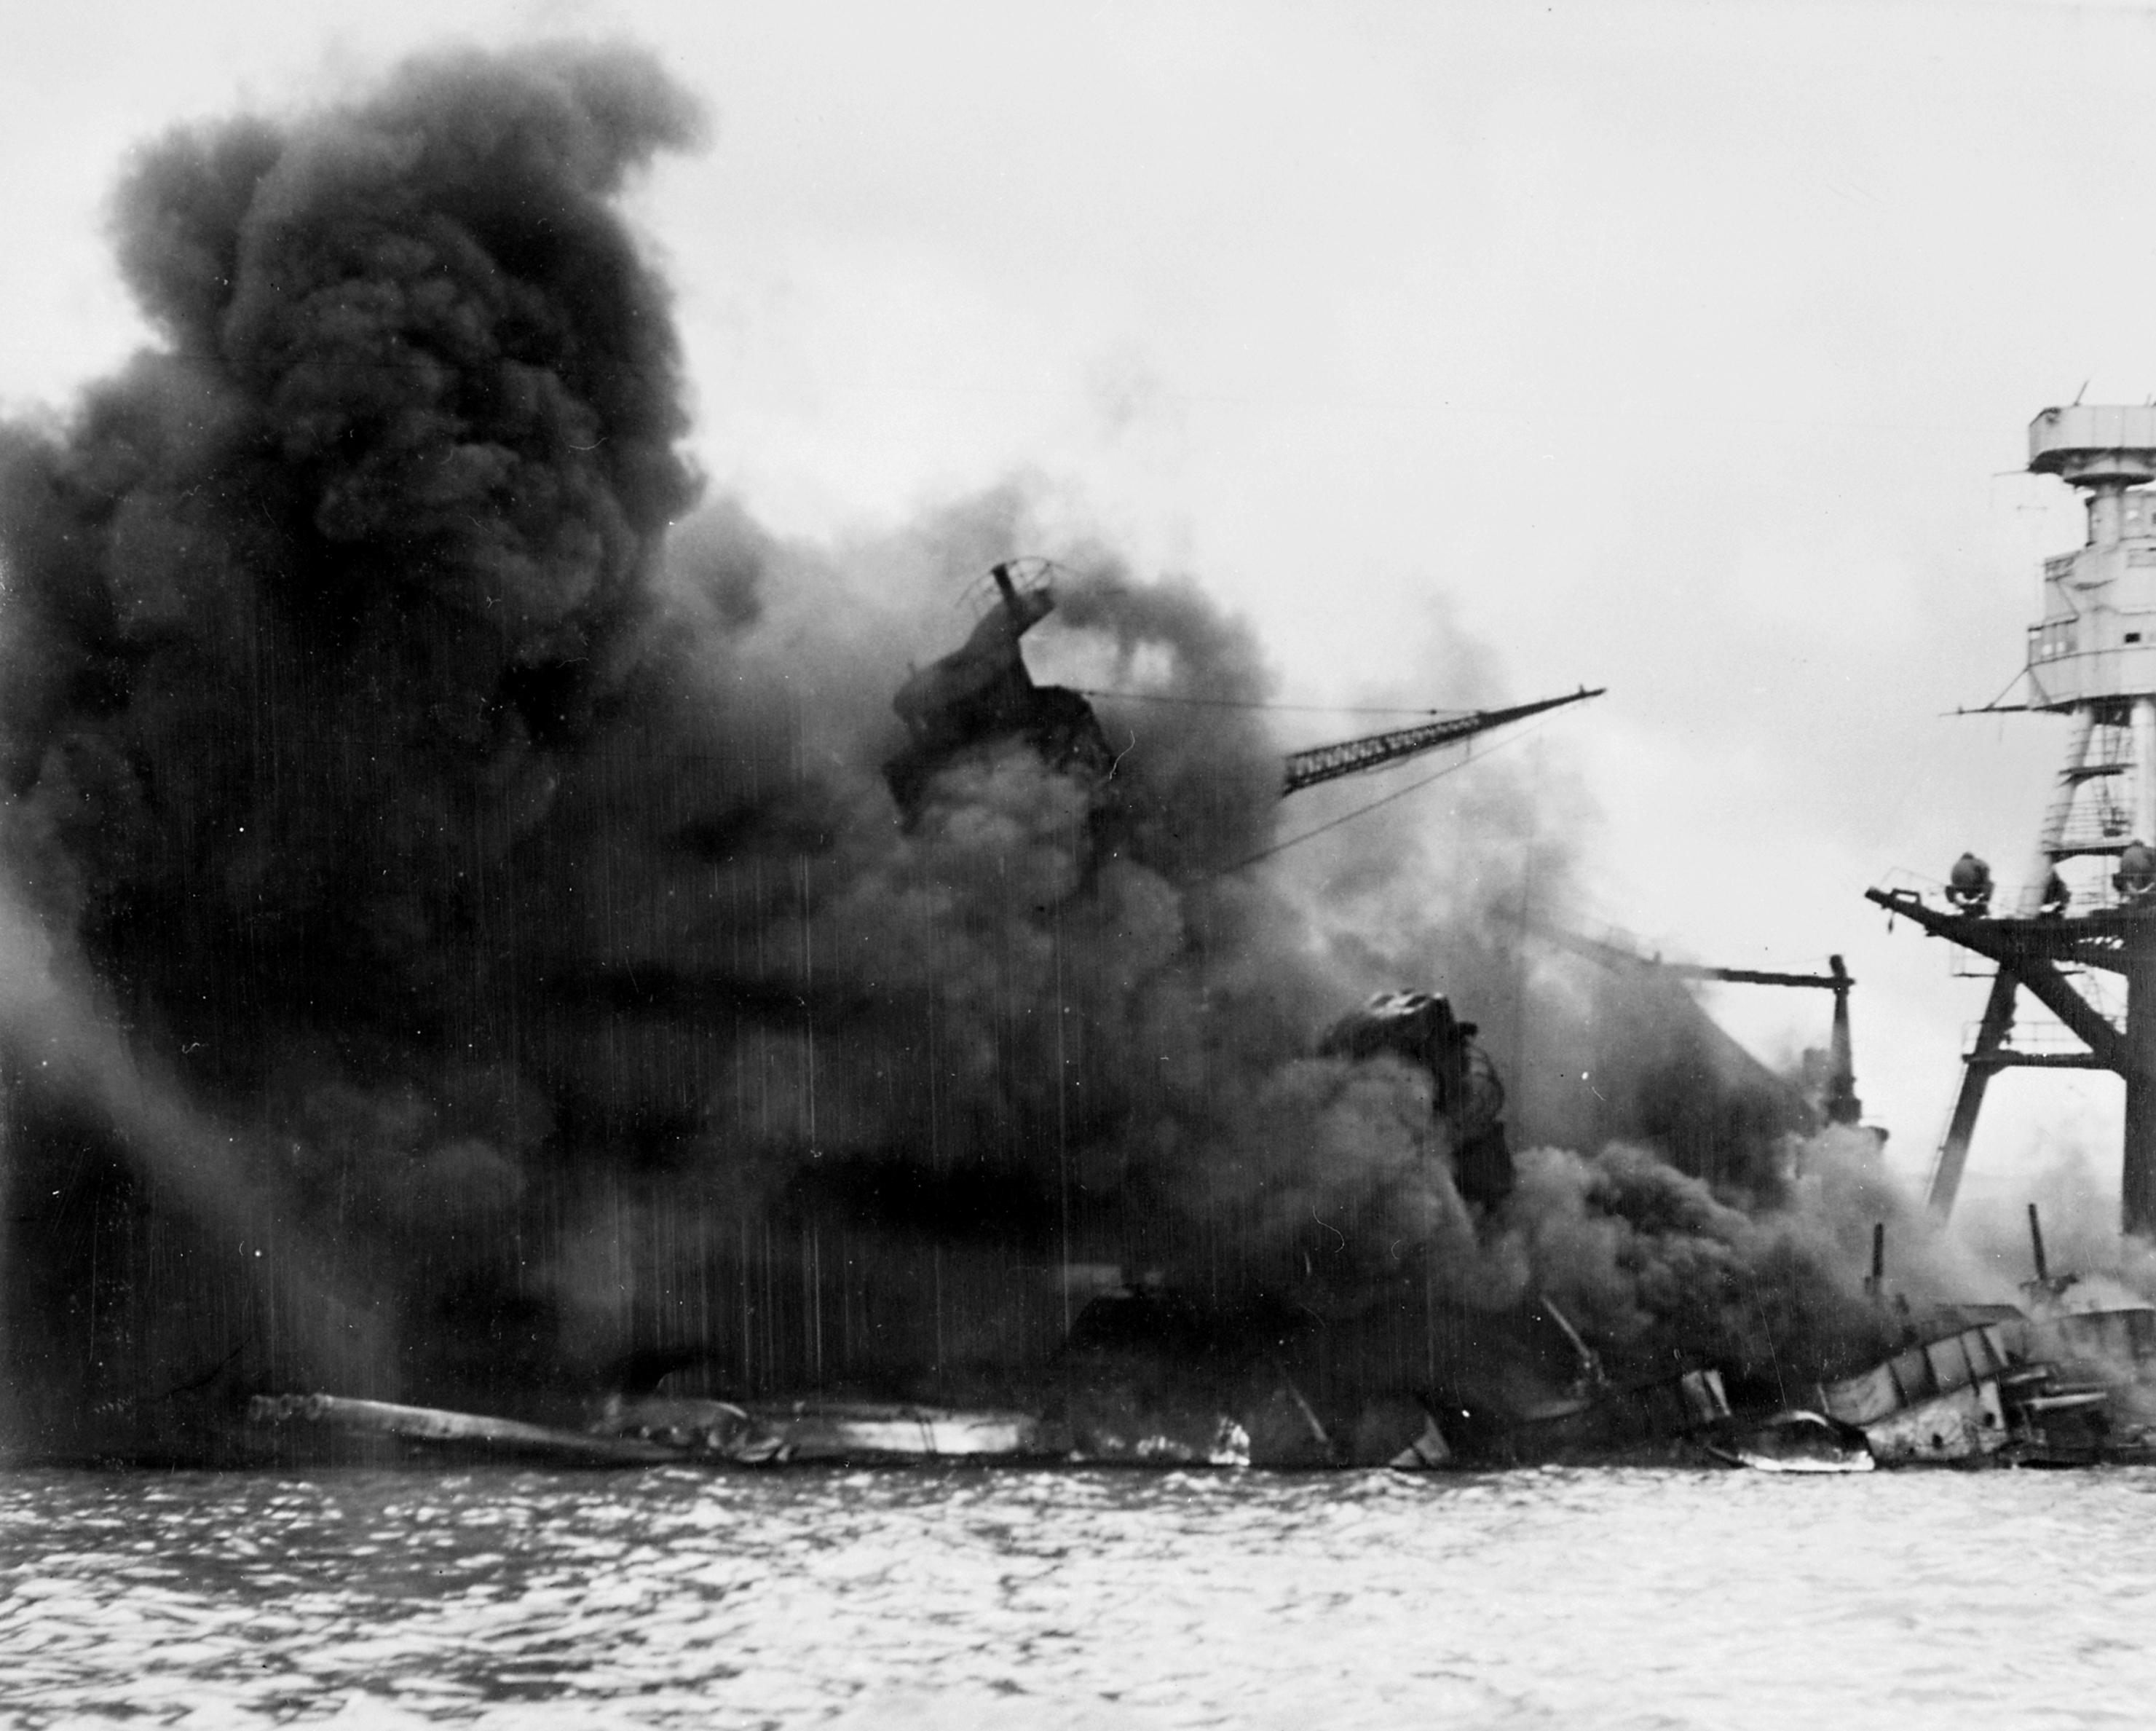 1941年12月7日,正值二次世界大戰,日本派出航空母艦、上百架戰機突襲美國位於夏威夷的海軍基地:珍珠港。圖為美軍戰鬥艦亞利桑納號中彈燃燒的景象。(WikiCommons)